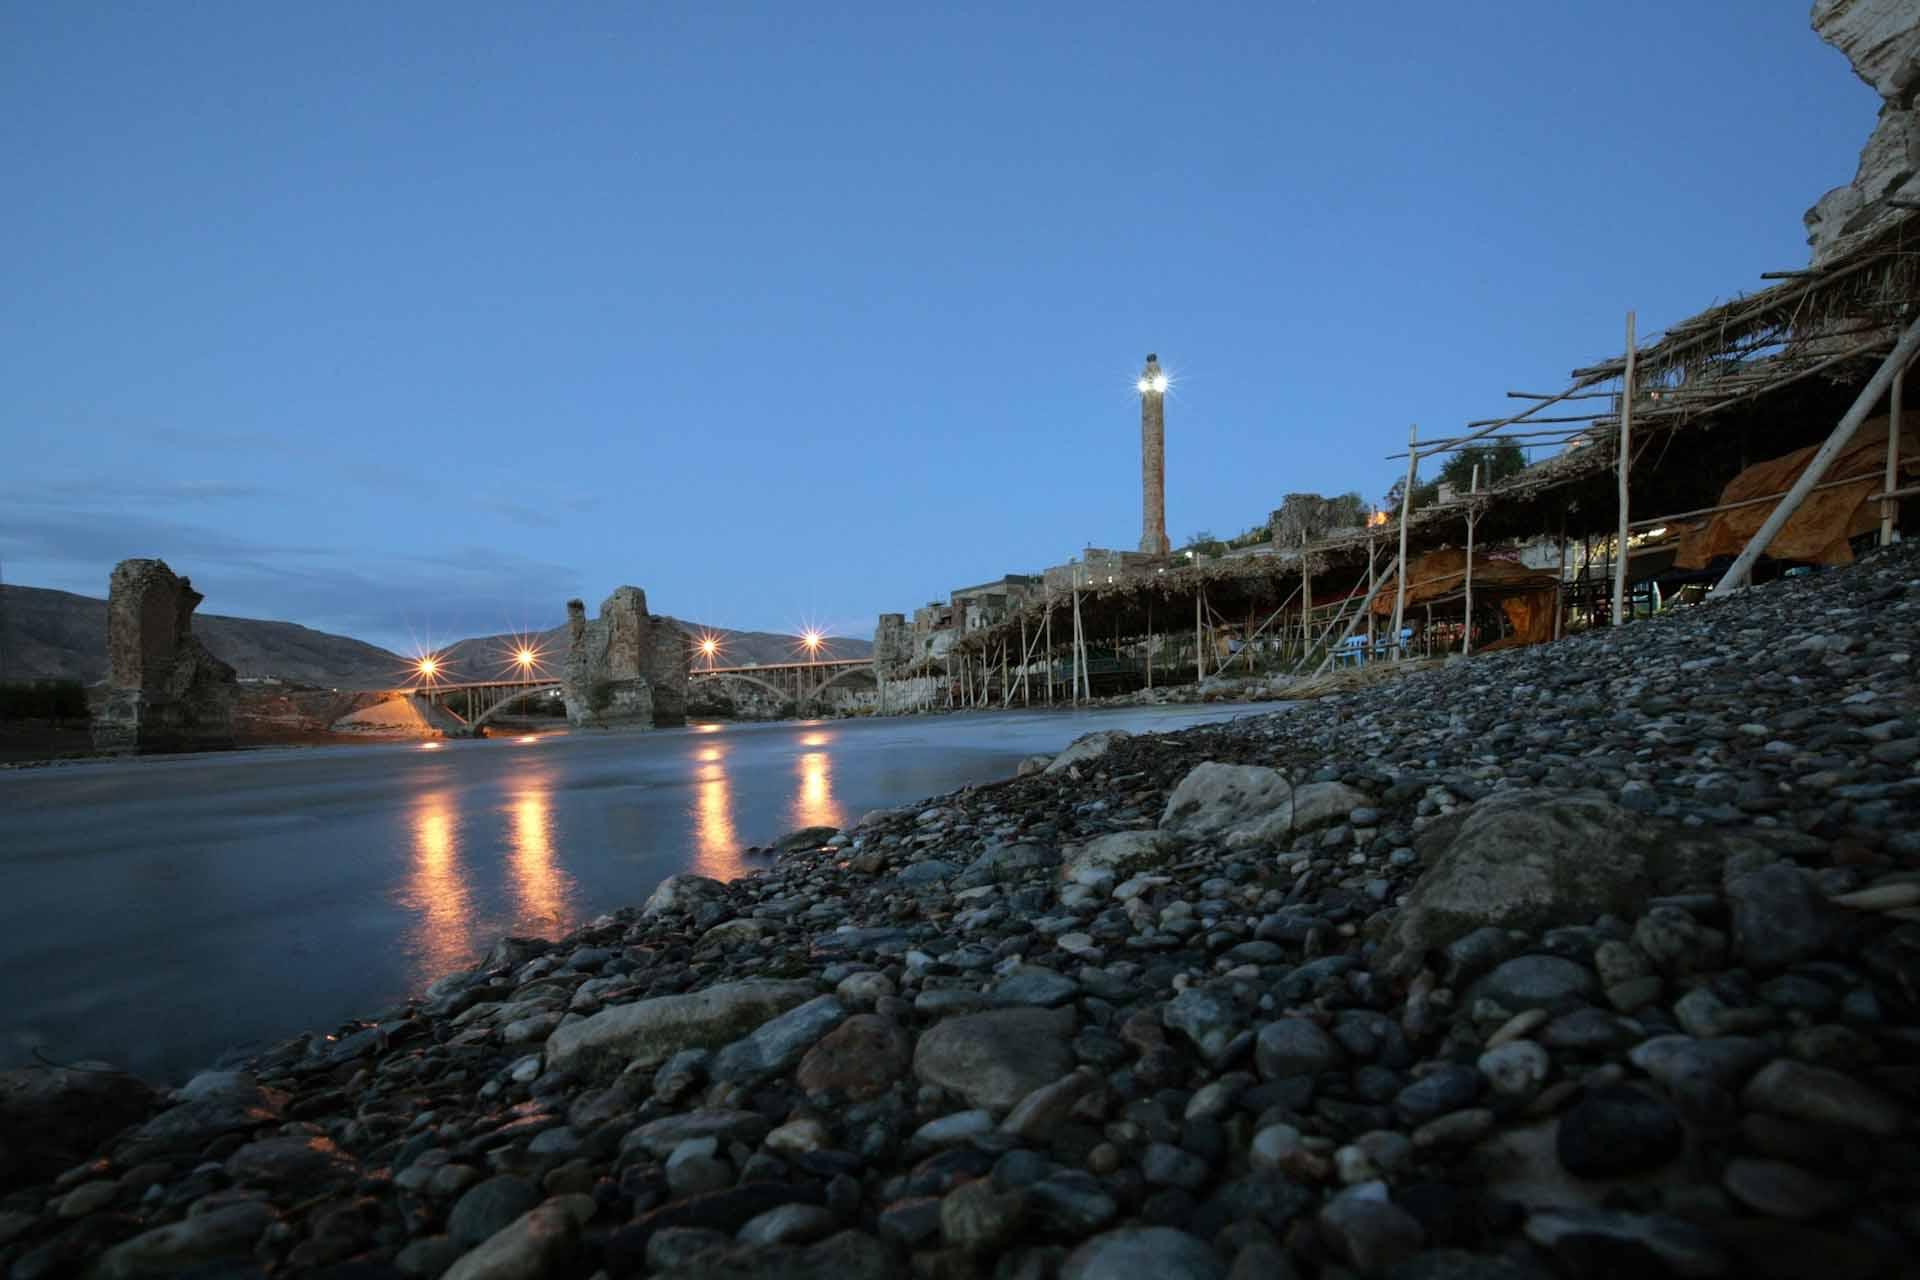 Das Ufer des Tigris mit den Fischrestaurants und die in den sechziger Jahren gebaute Brücke bei Nacht.